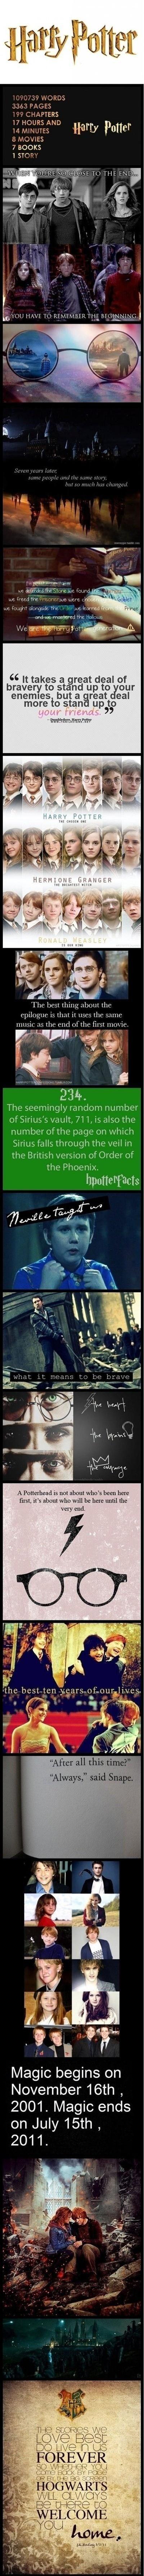 <3 i cried a little bit..